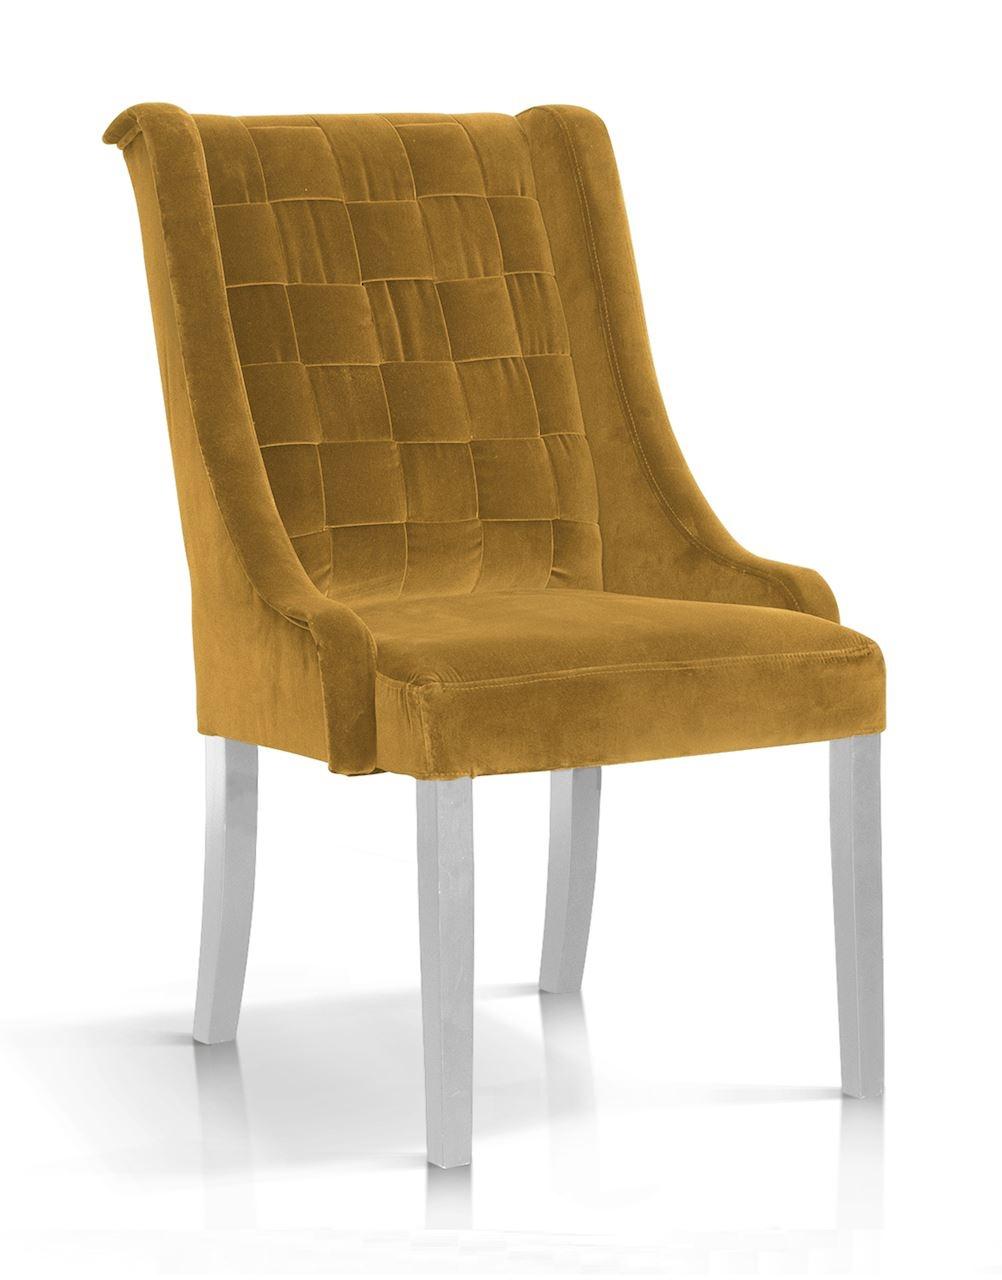 Scaun tapitat cu stofa, cu picioare din lemn Prince Galben / Alb, l55xA70xH105 cm